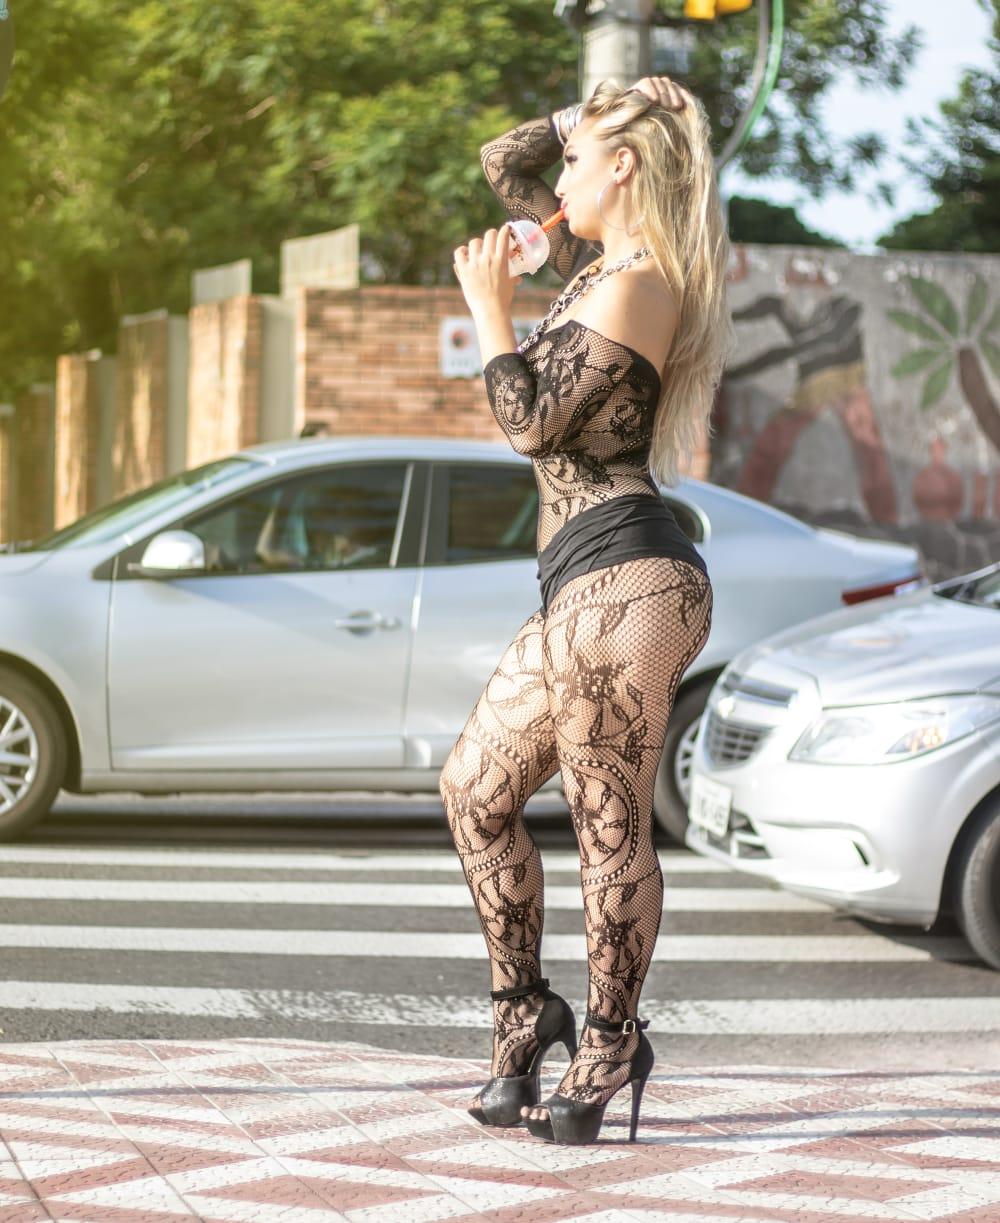 """Modelo para trânsito em Avenida gaúcha: """"Quero ser famosa"""""""